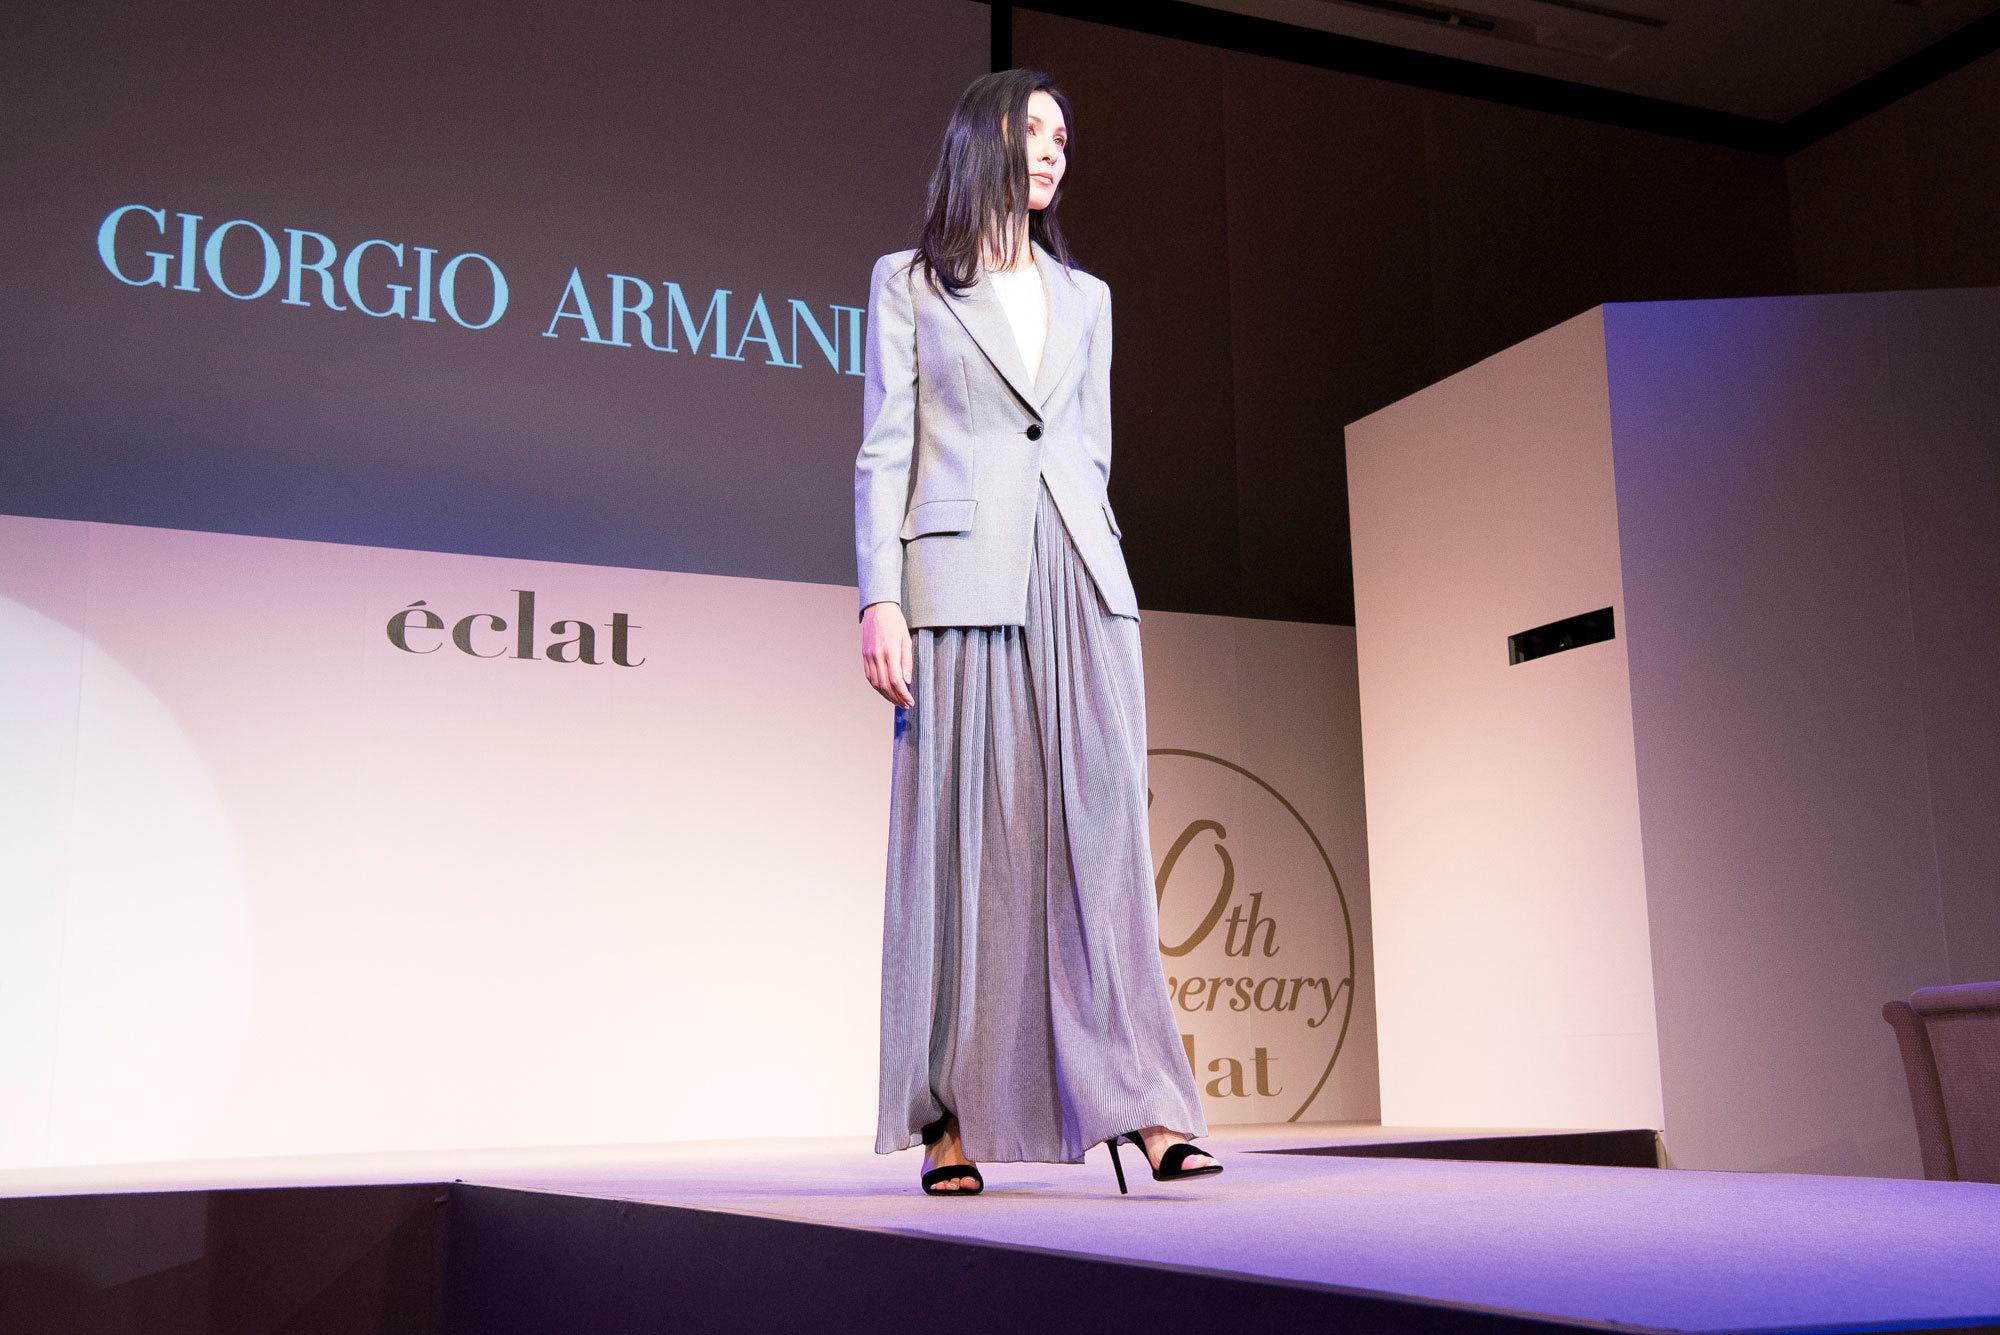 エクラモデルによる、あの人気ブランドのショーを目の前で! ファッションフロアショー_1_1-3